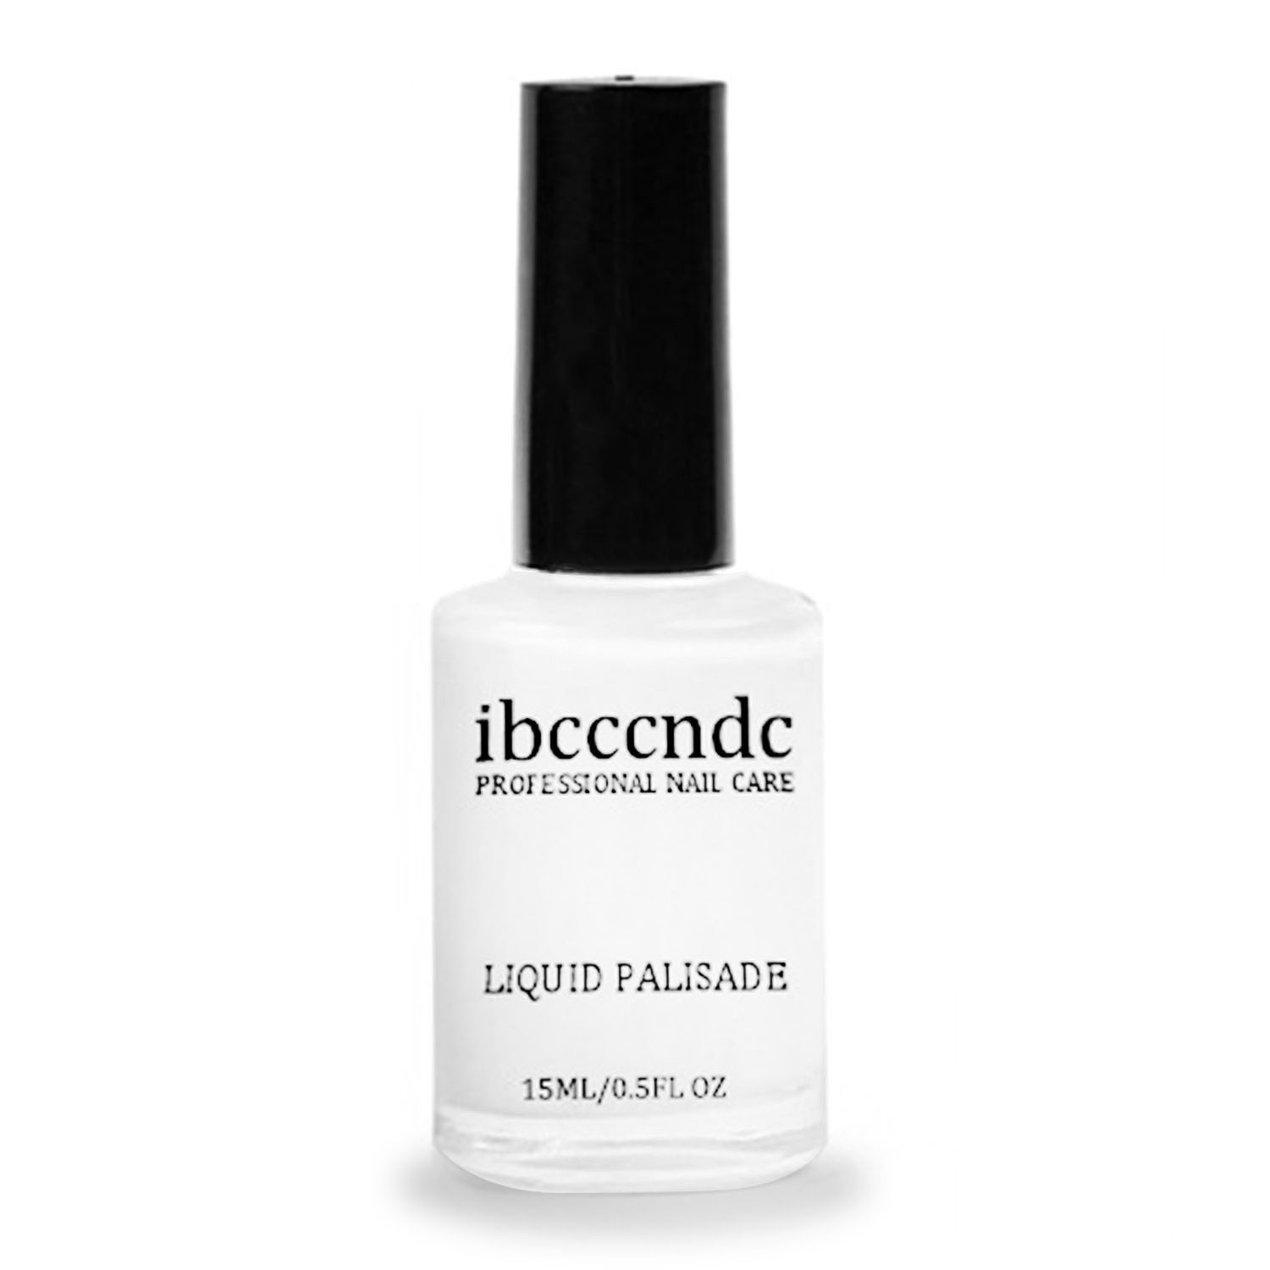 15ML de desprendimiento de uñas Látex líquido cinta del arte Tamaño fácil de limpiar la uña del dedo Cuidado de la piel Cuidado de líquido Palisade Dooret